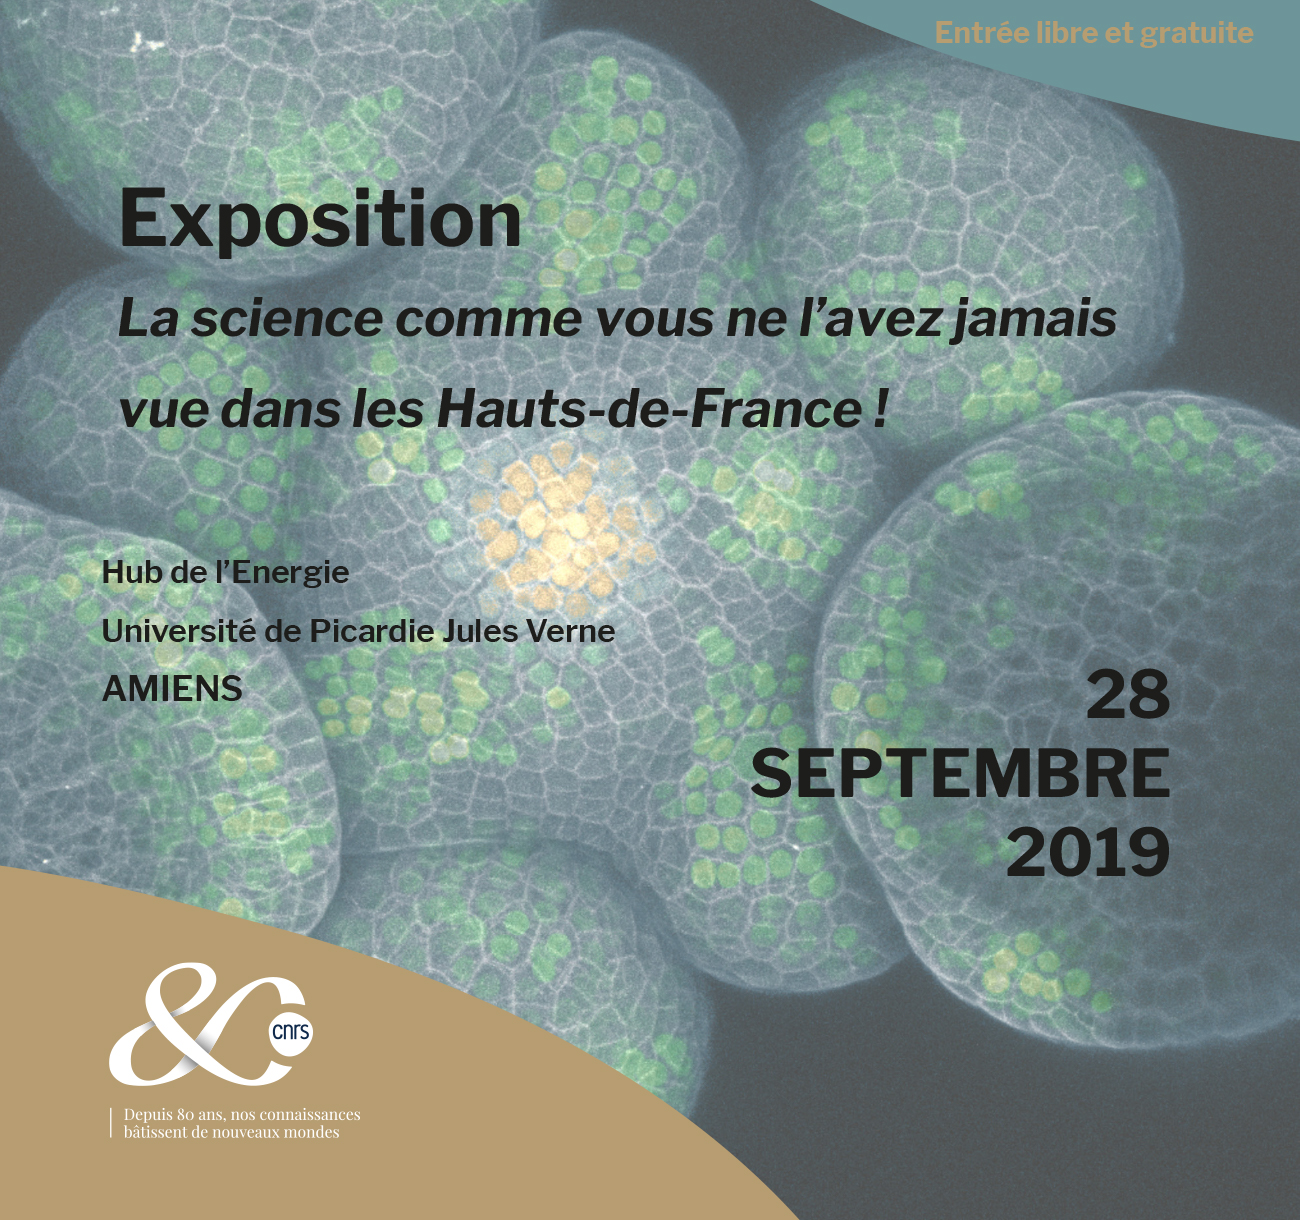 La science comme vous ne l'avez jamais vue dans les Hauts-de-France ! – Amiens